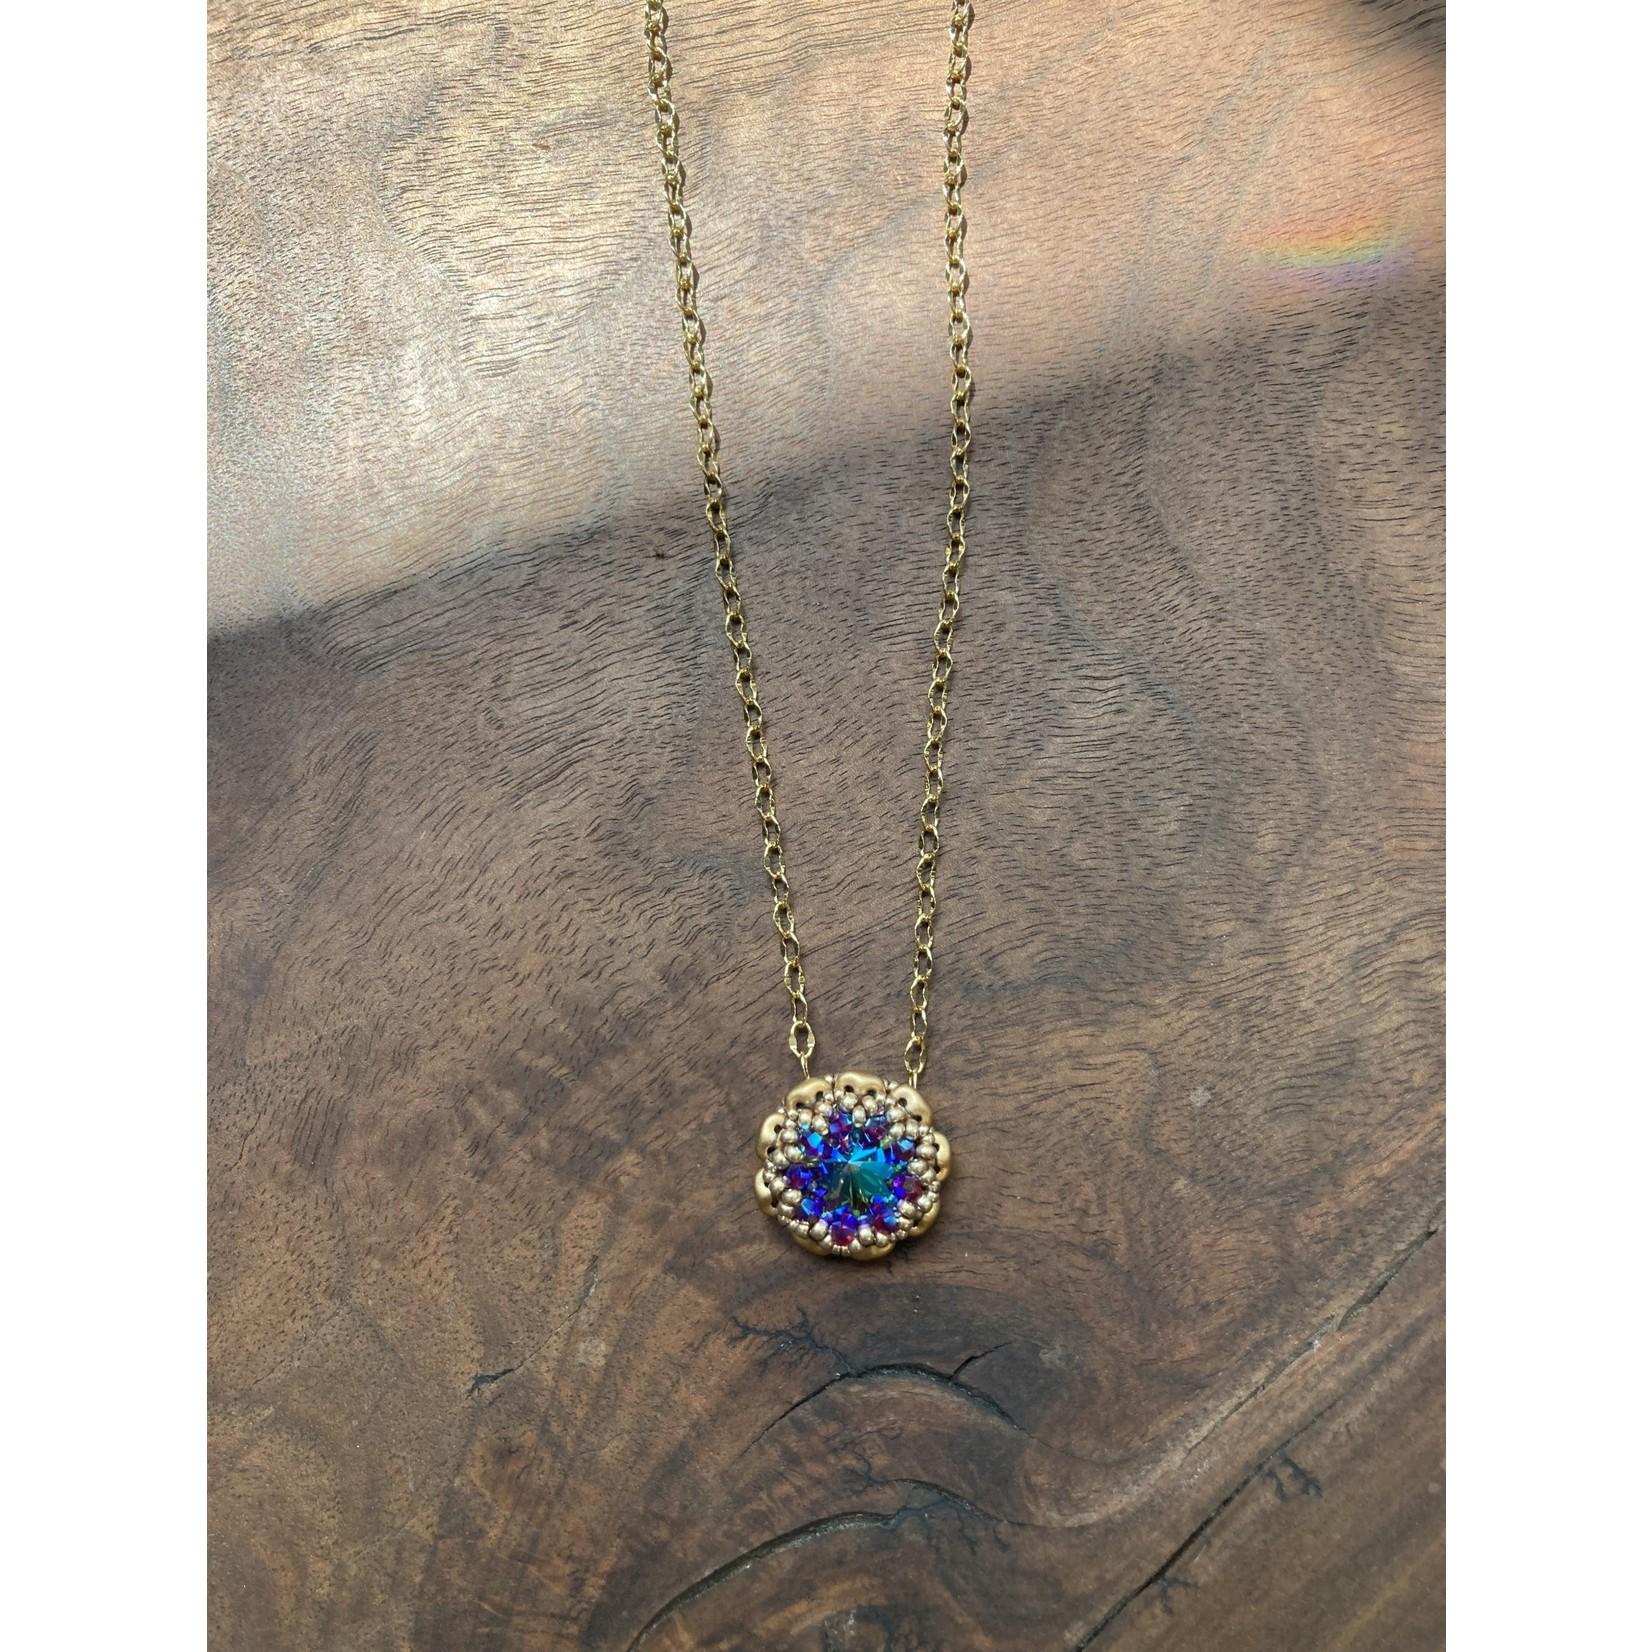 Jeanne Shuff Jeanne Marie Jewelry | #17 Beaded Bezel Setting Swarovski Necklace on Chain